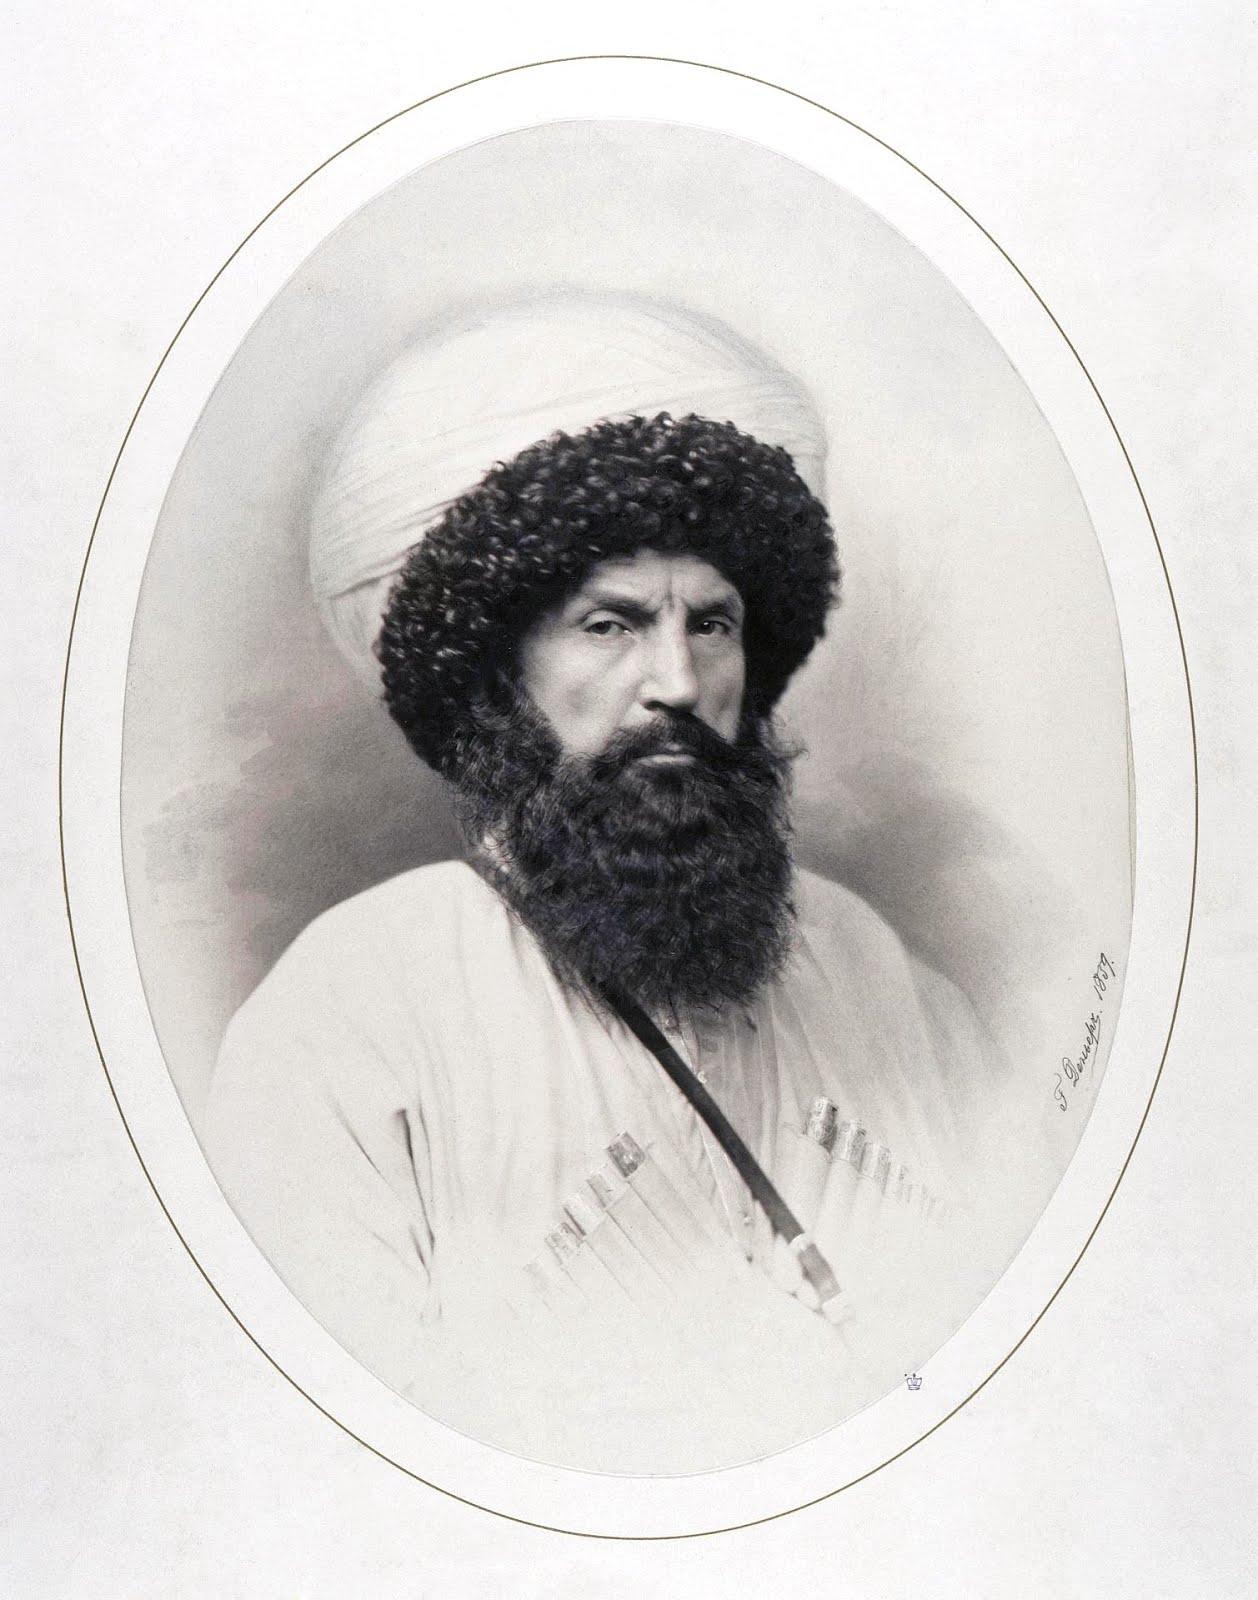 L'Imam Chamil - Le résistant du Caucase